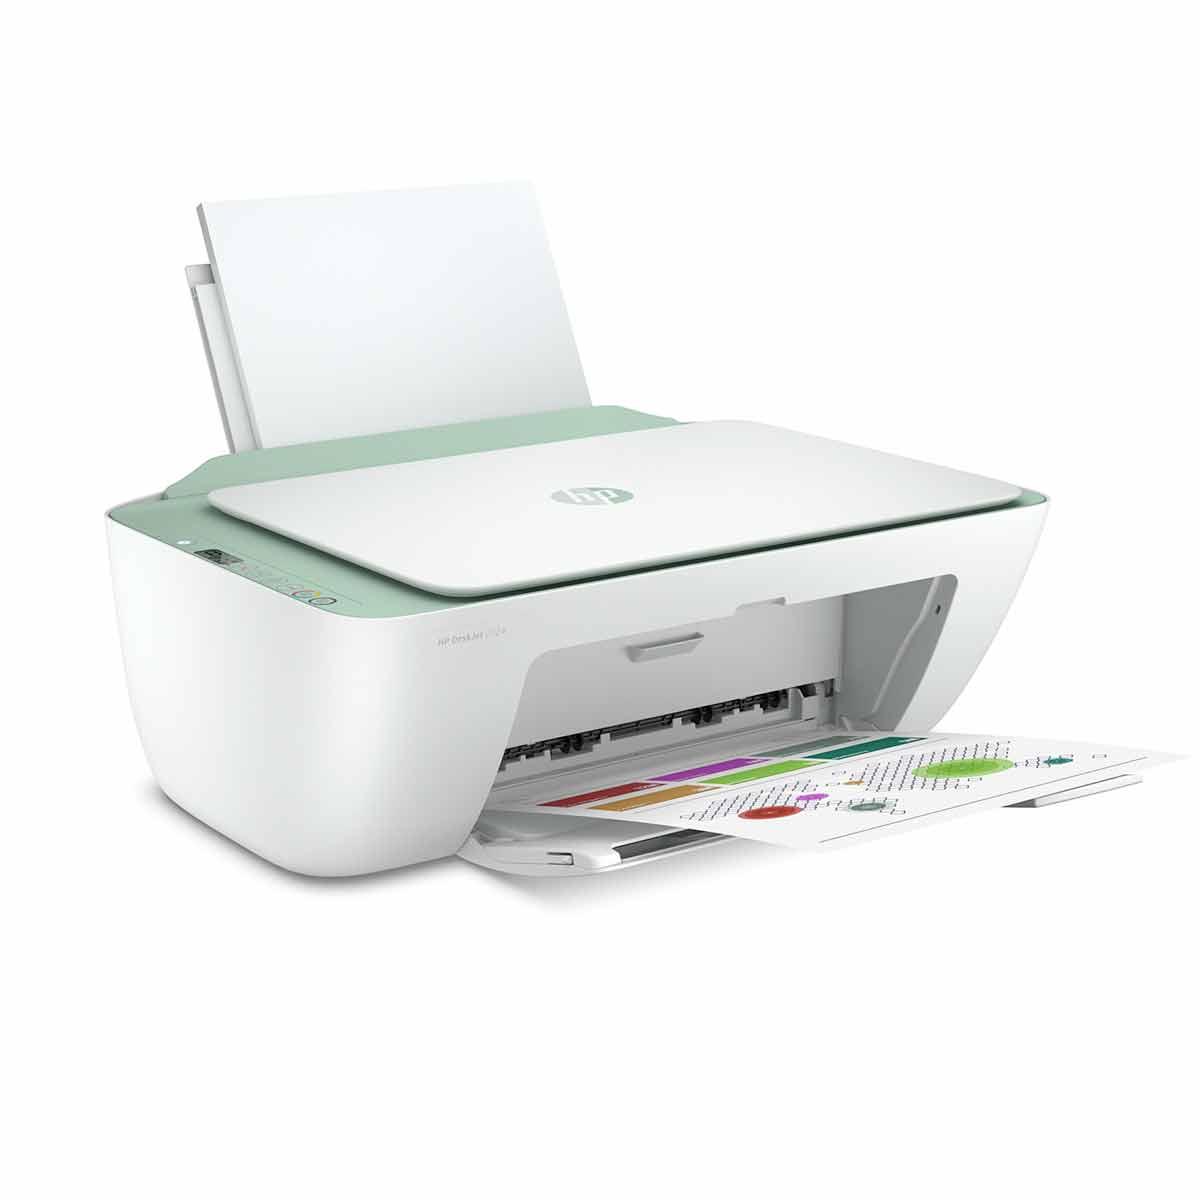 HP Deskjet 2724 Inkjet Printer - White